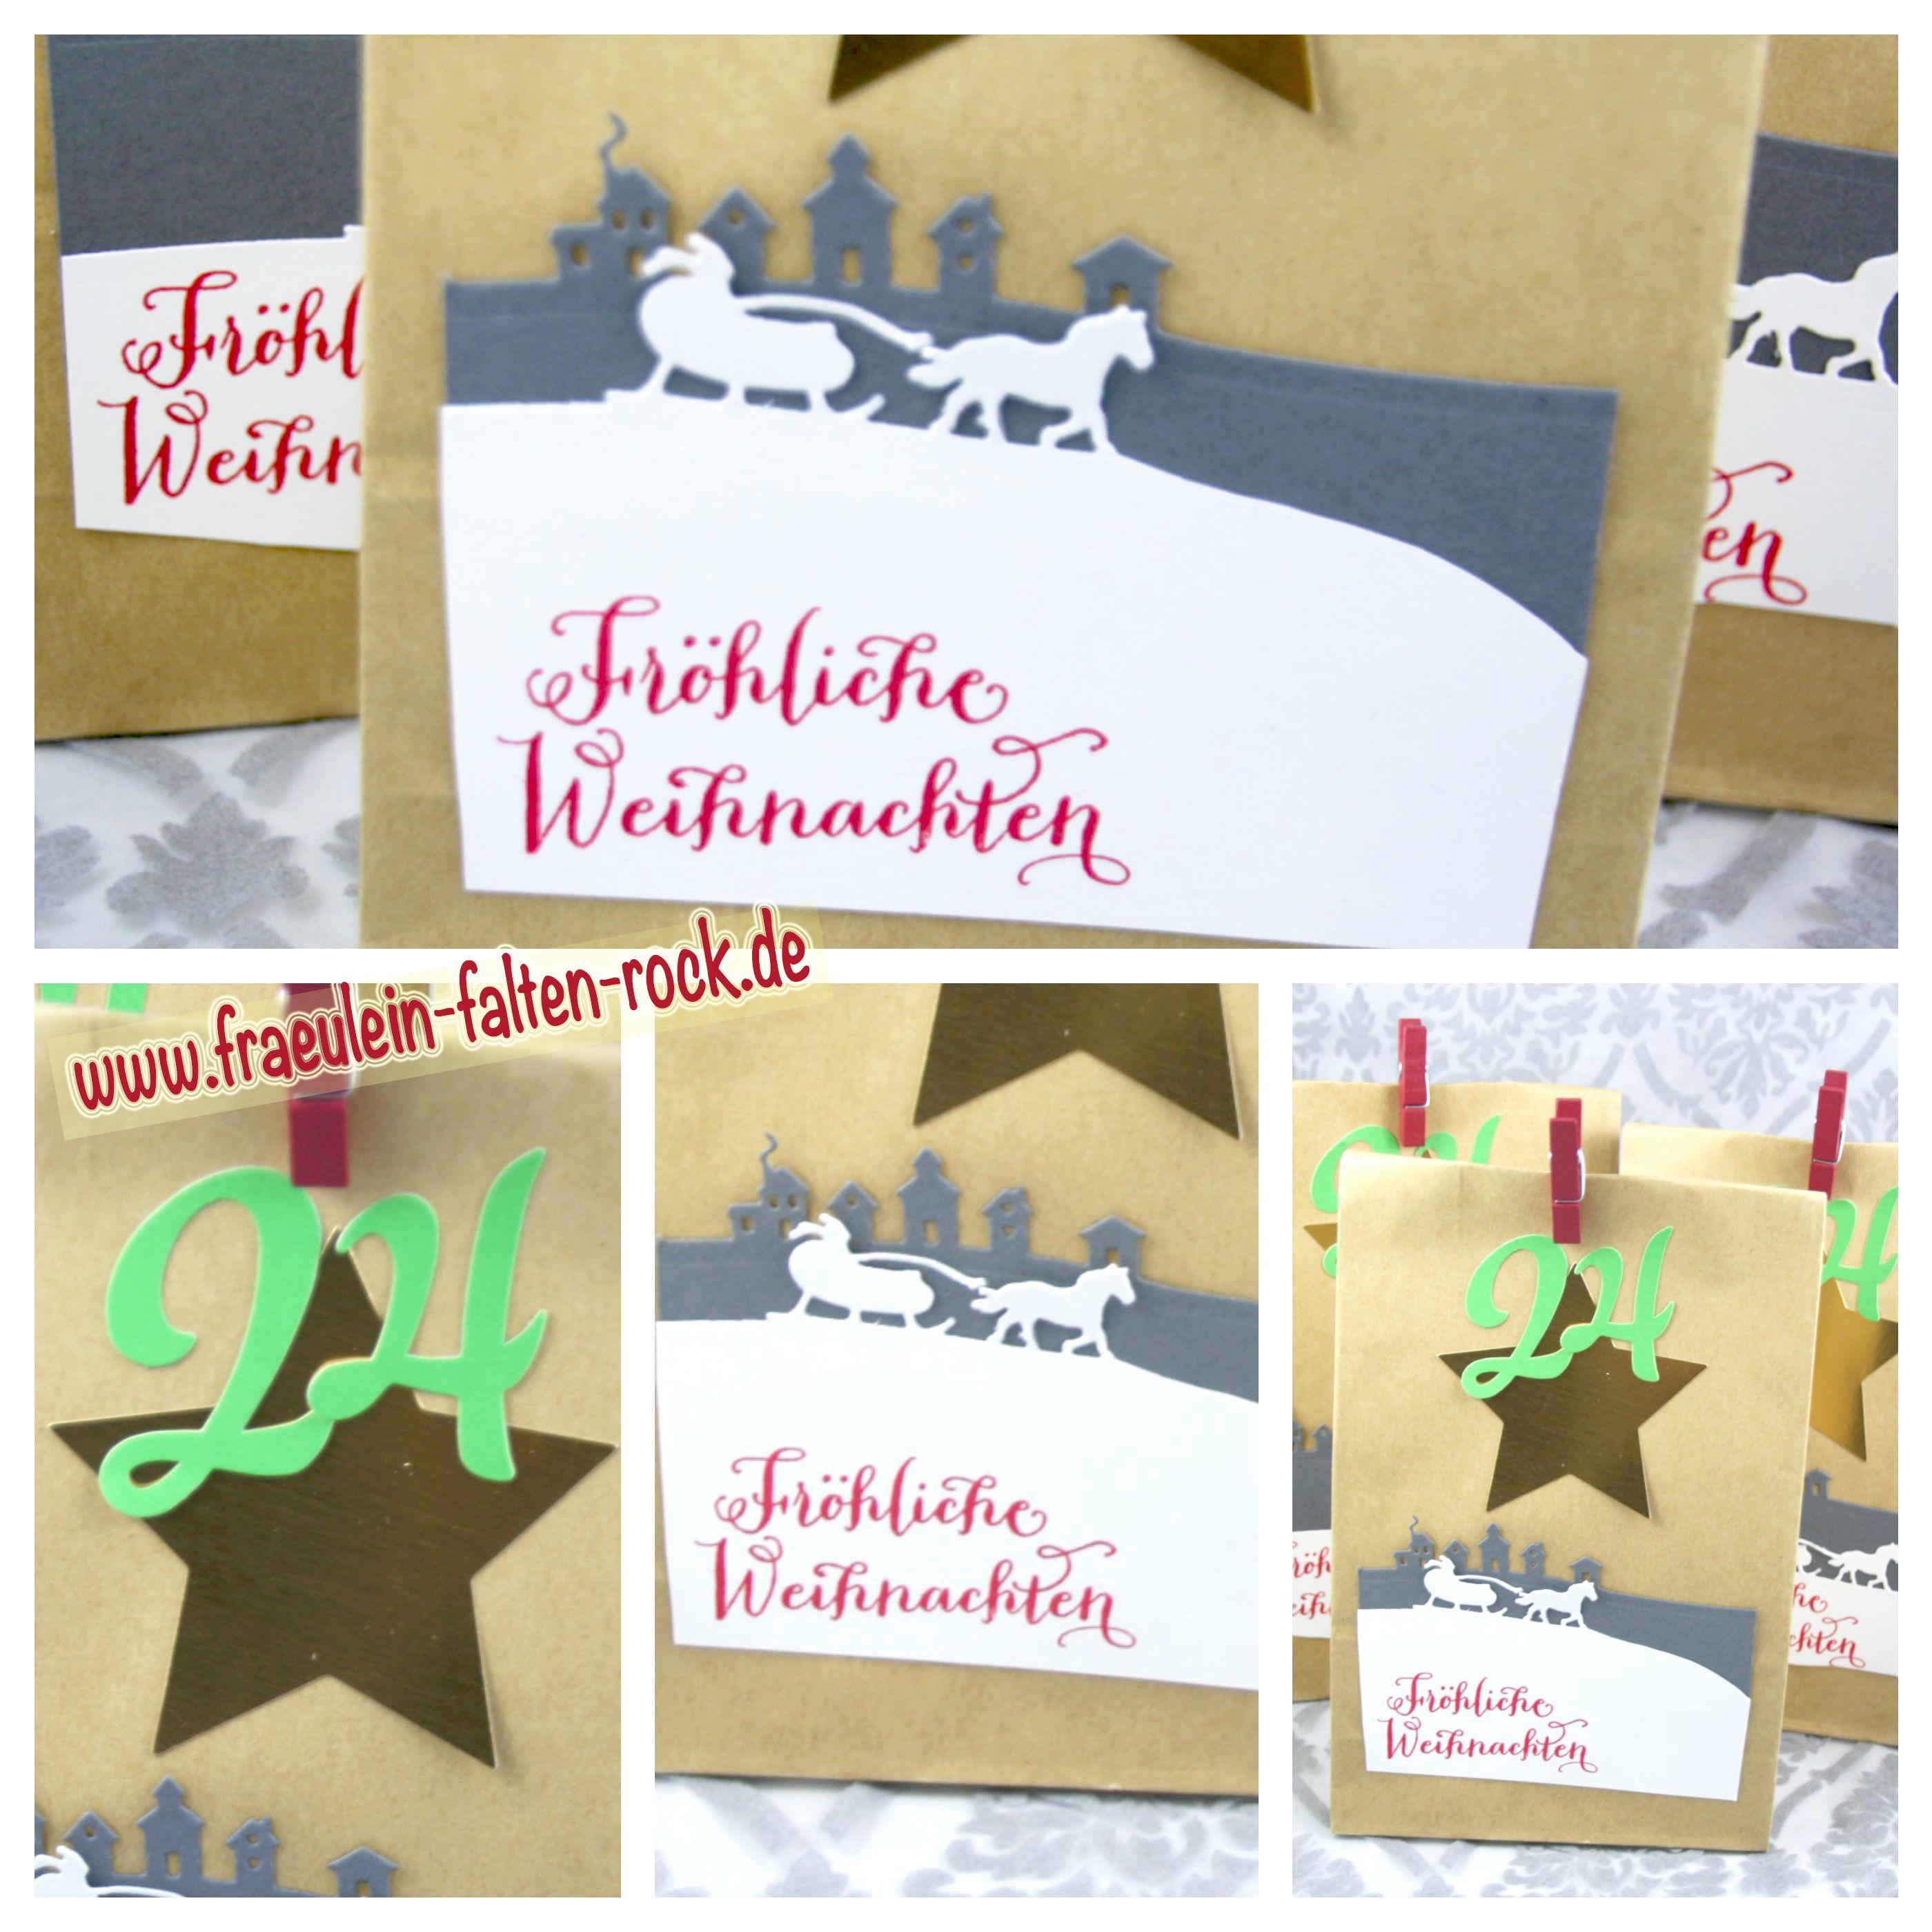 Weihnachtsverpackung, Geschenktüten   #Stampinup, #weihnachten, #hohoho, #froheweihnachten, #weihnachtsverpackungen, #weihnachtsgeschenke, #geschenke, #überrasching, #stern